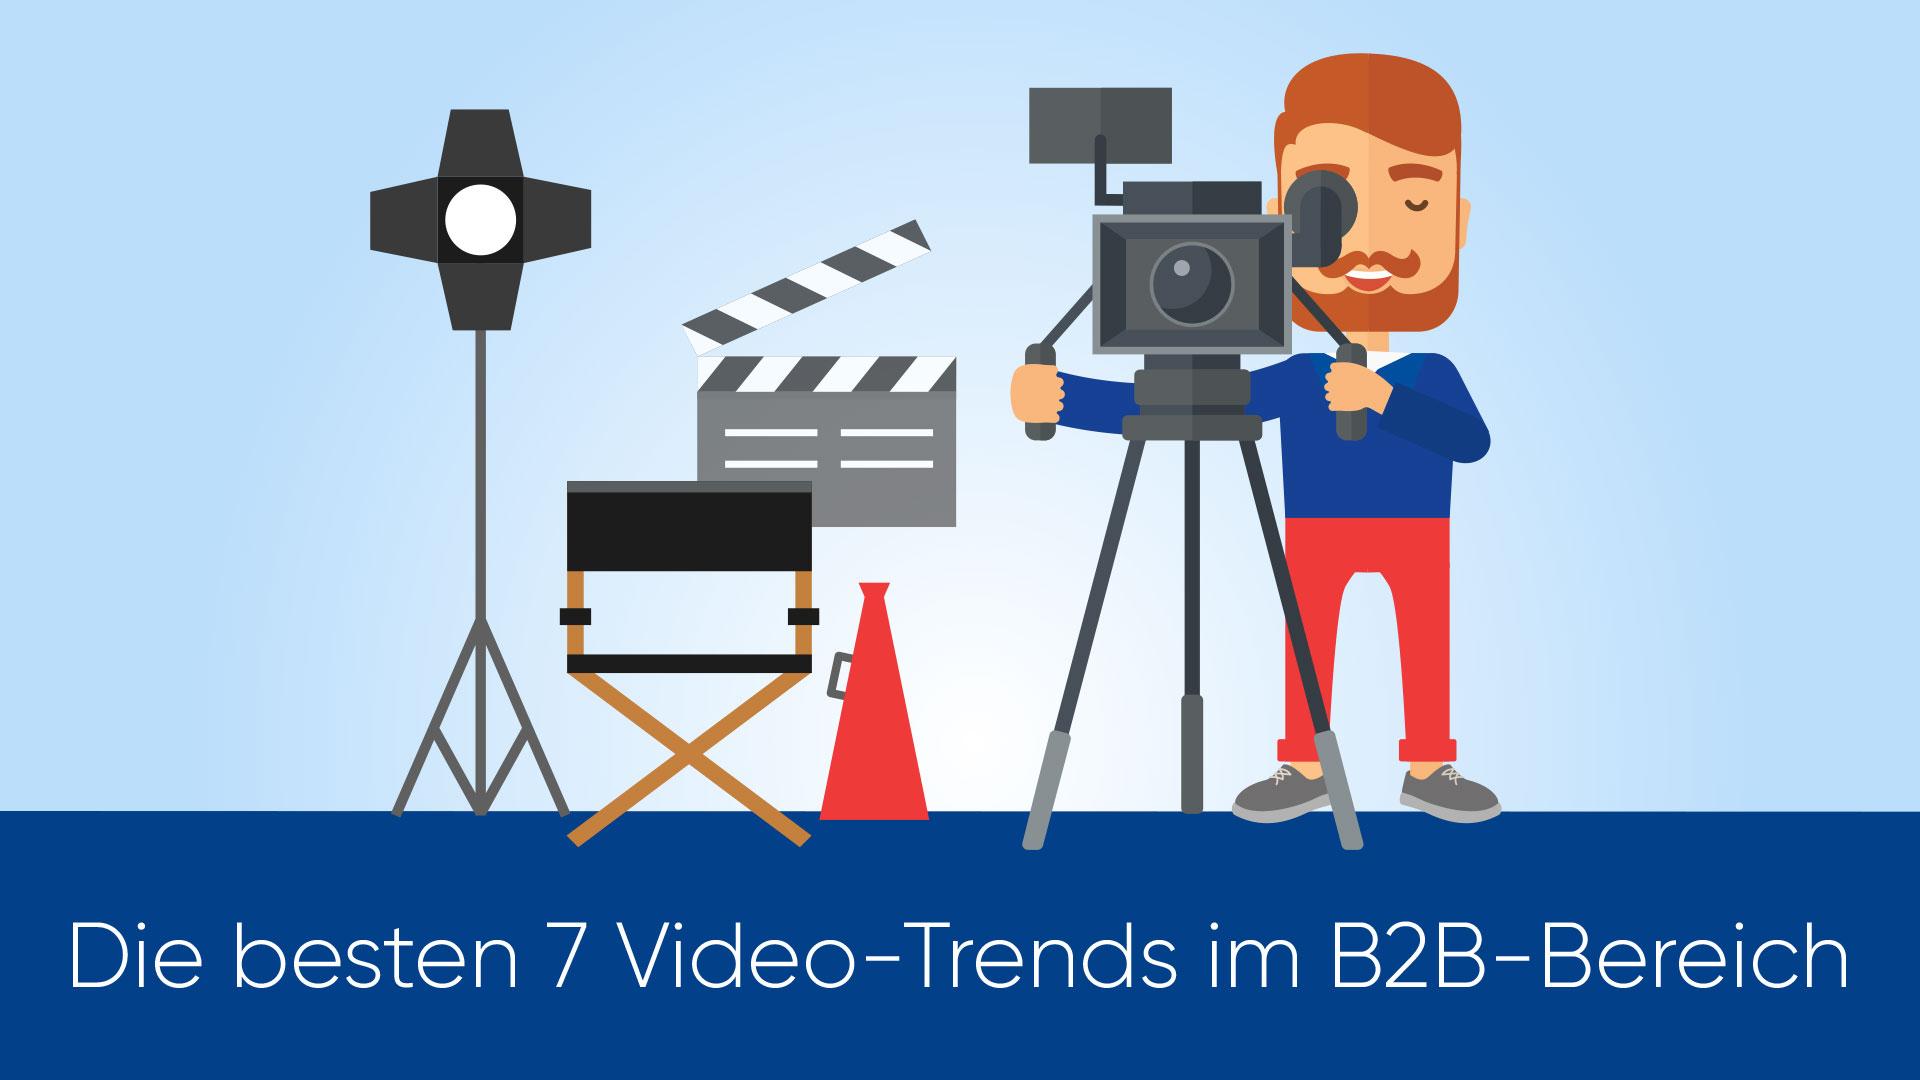 Die besten 7 Video-Trends im B2B-Bereich